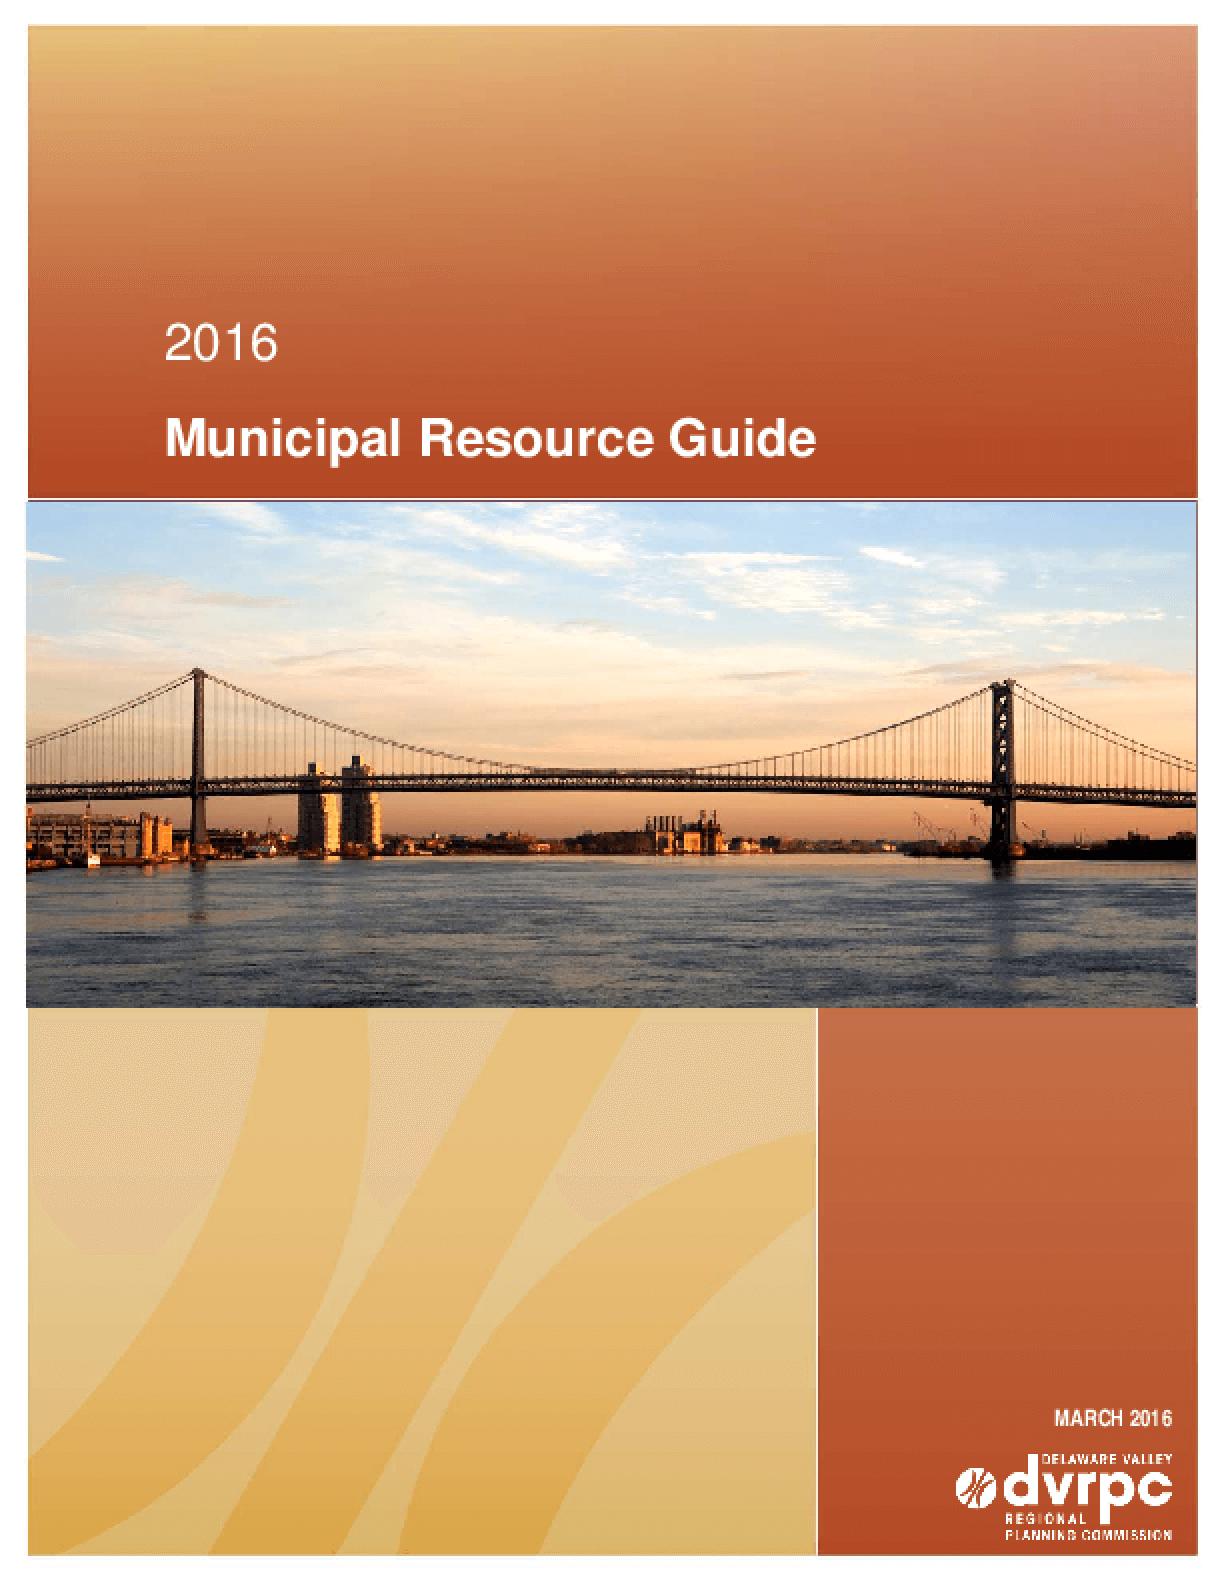 2016 Municipal Resource Guide